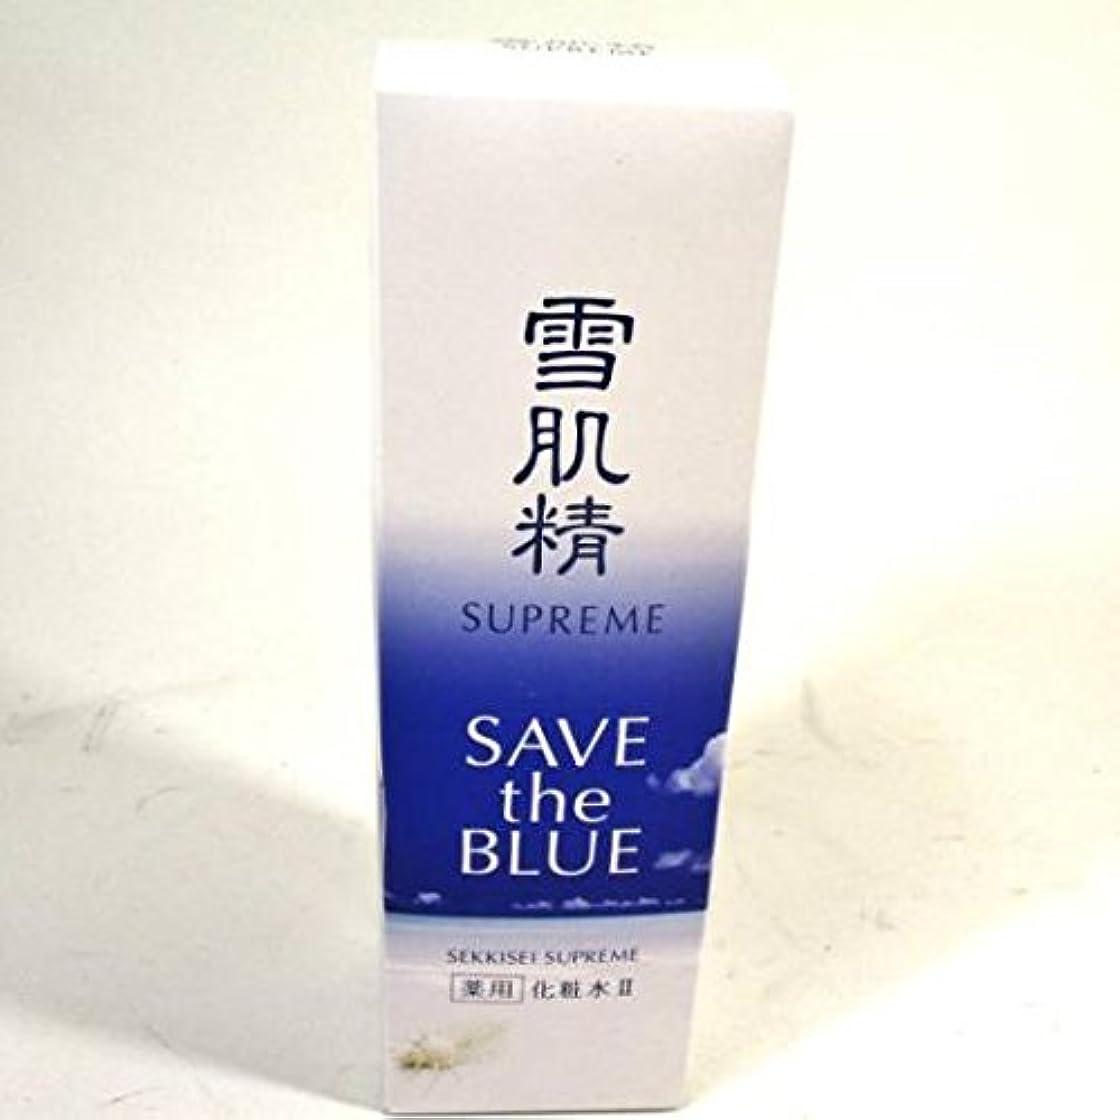 作成者戦艦下線コーセー 雪肌精 シュープレム 化粧水 Ⅱ 「SAVE the BLUE」 400ml